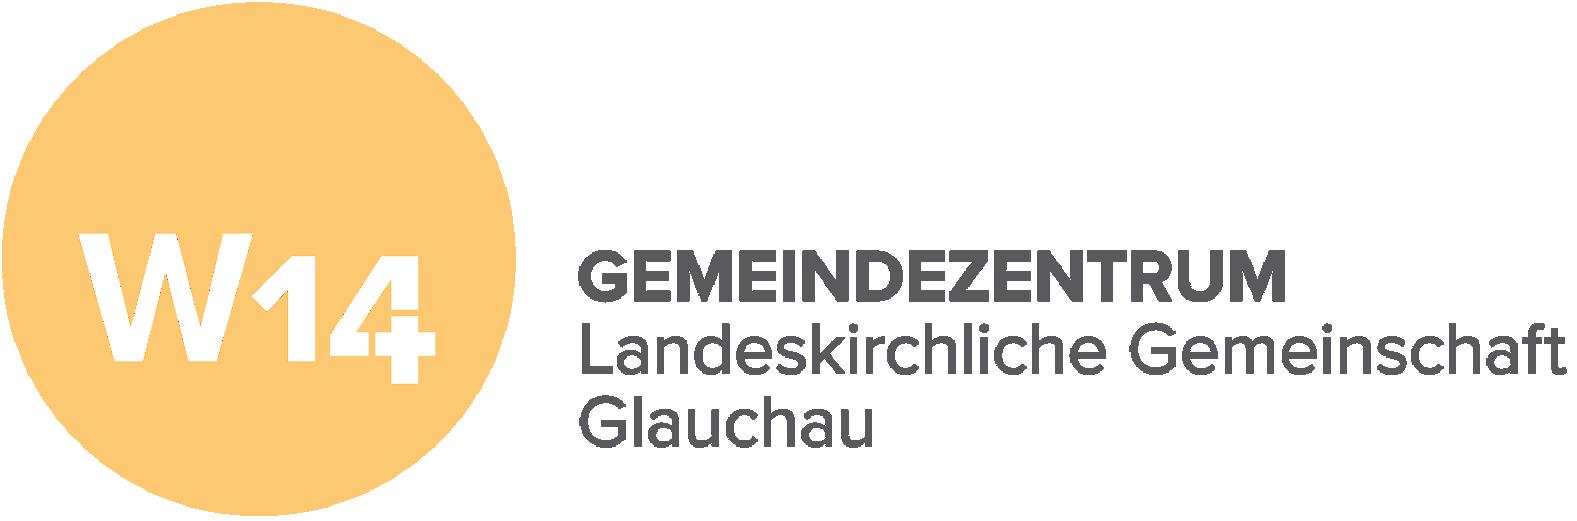 Landeskirchliche Gemeinschaft Glauchau